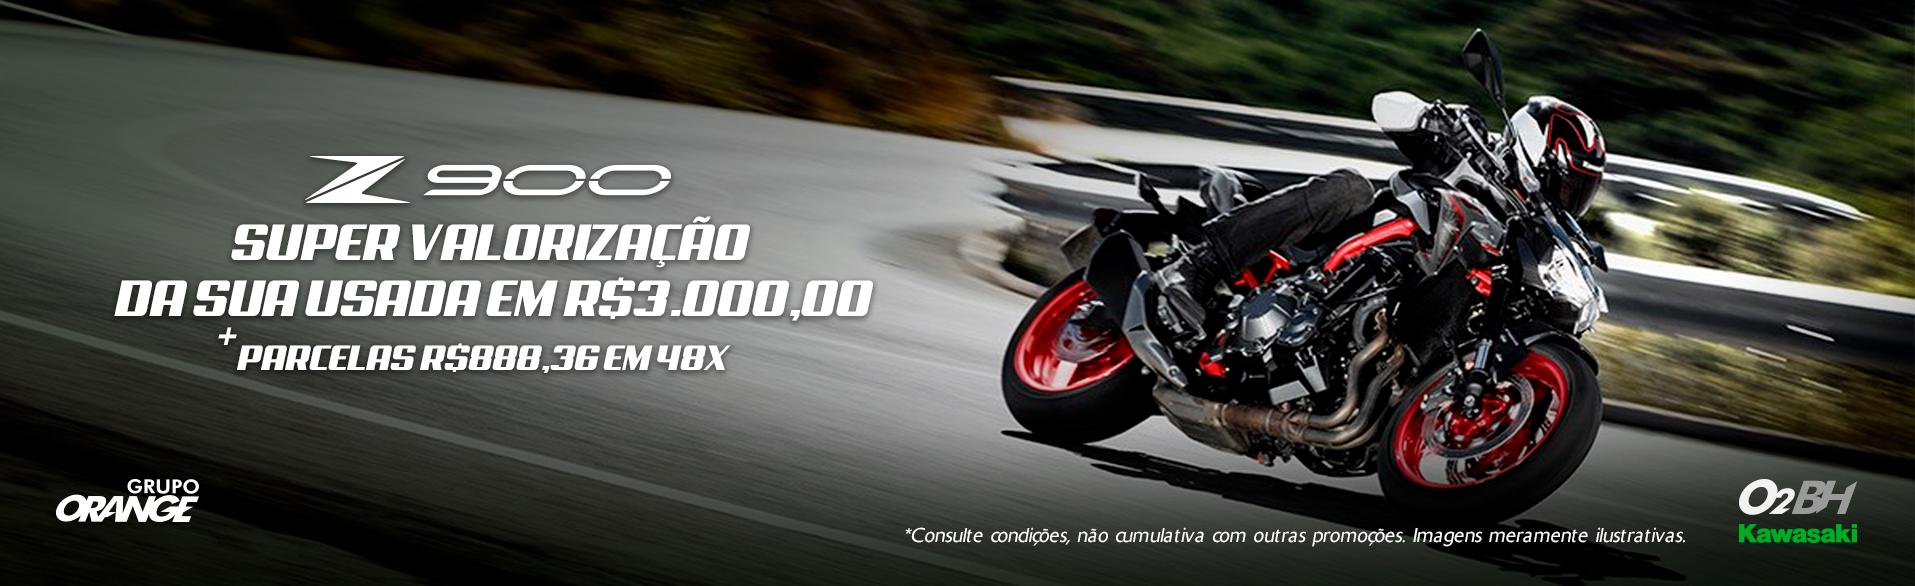 Z900 COM SUPERVALORIZAÇÃO DA USADA EM R$3.000,00